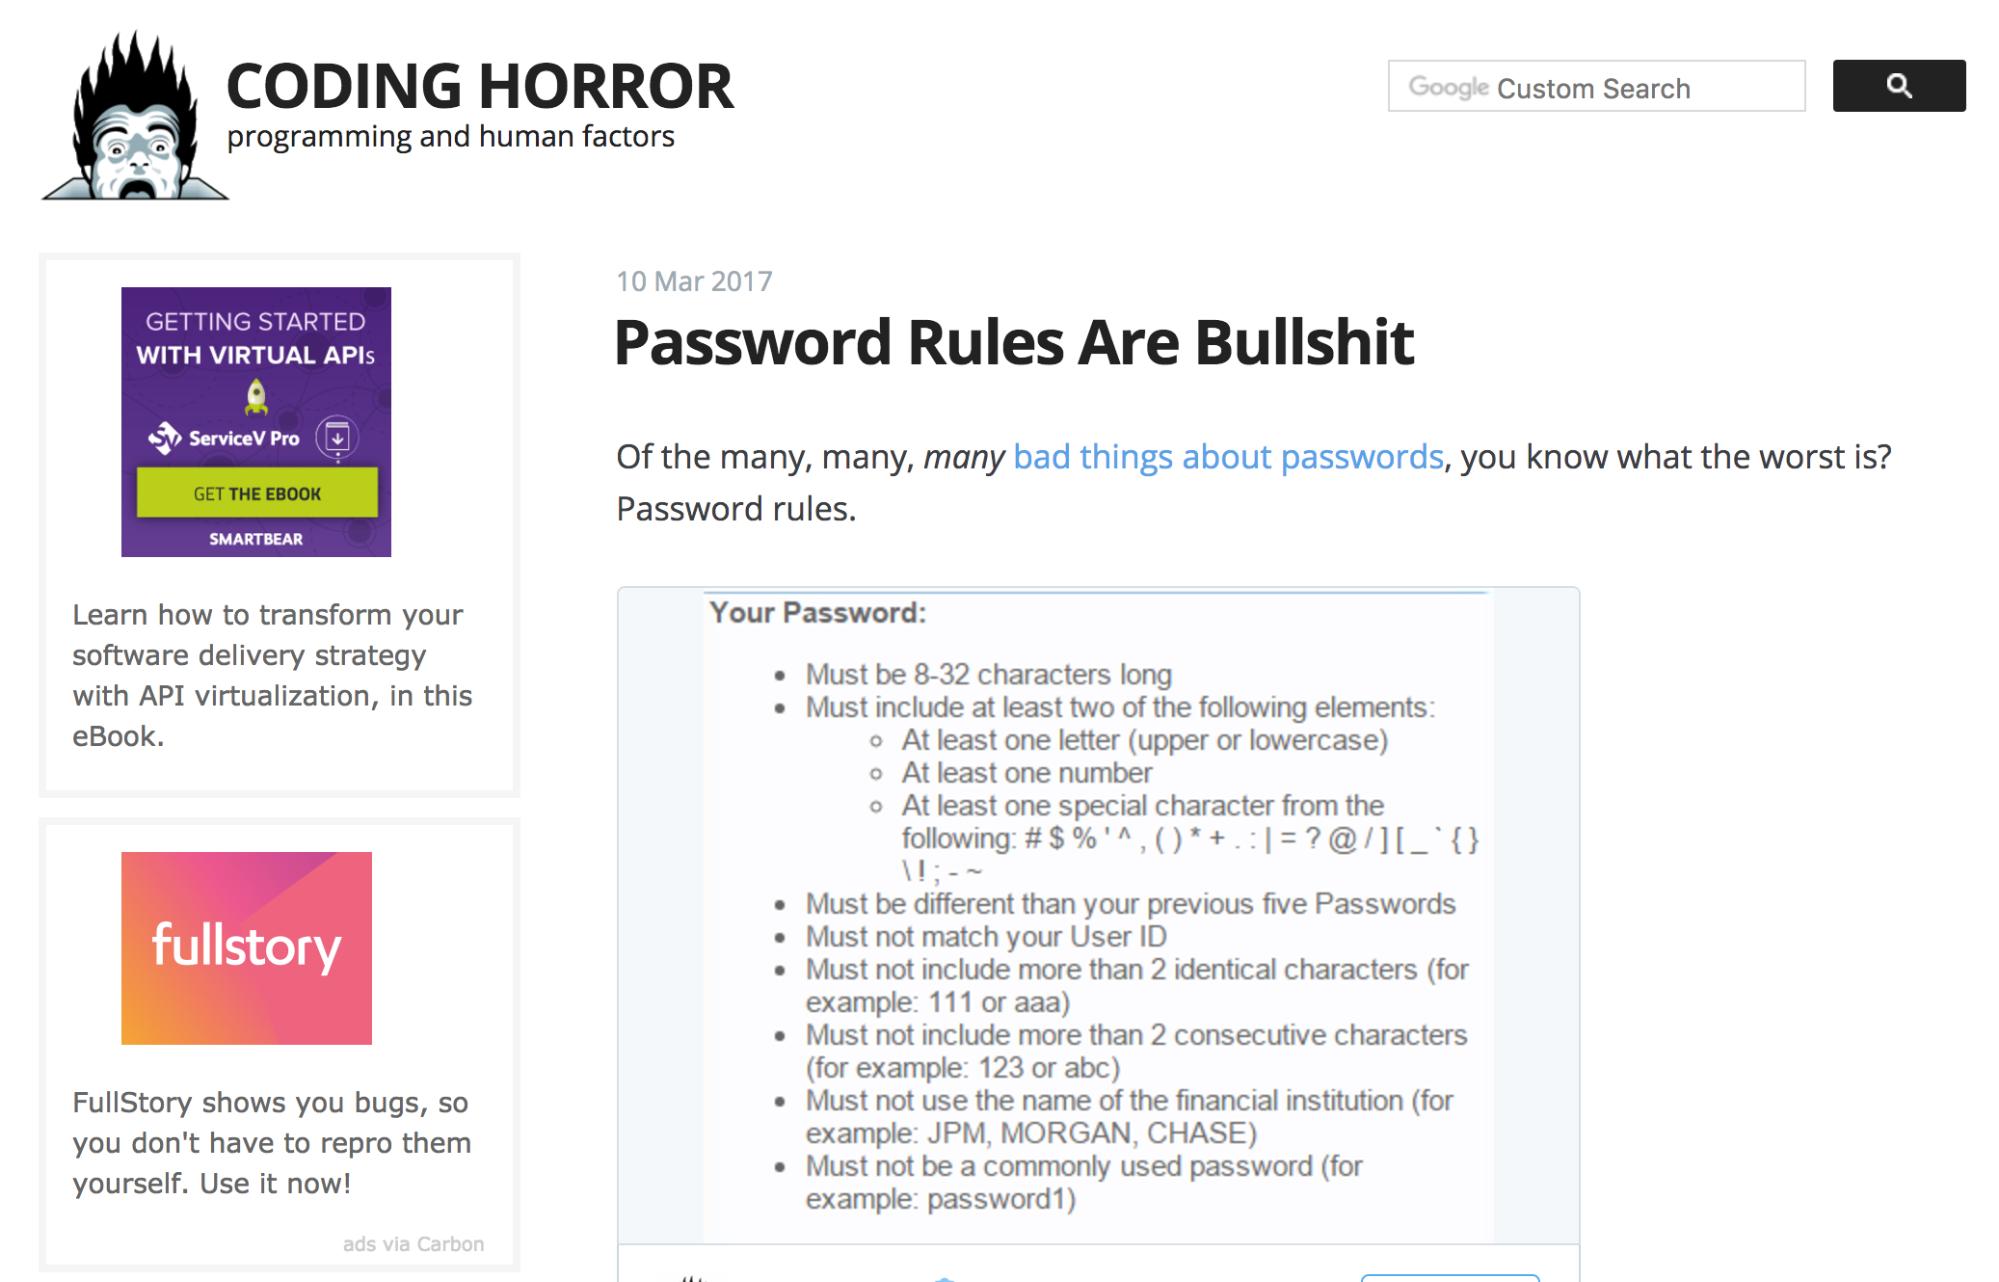 FullStory ad on Coding Horror